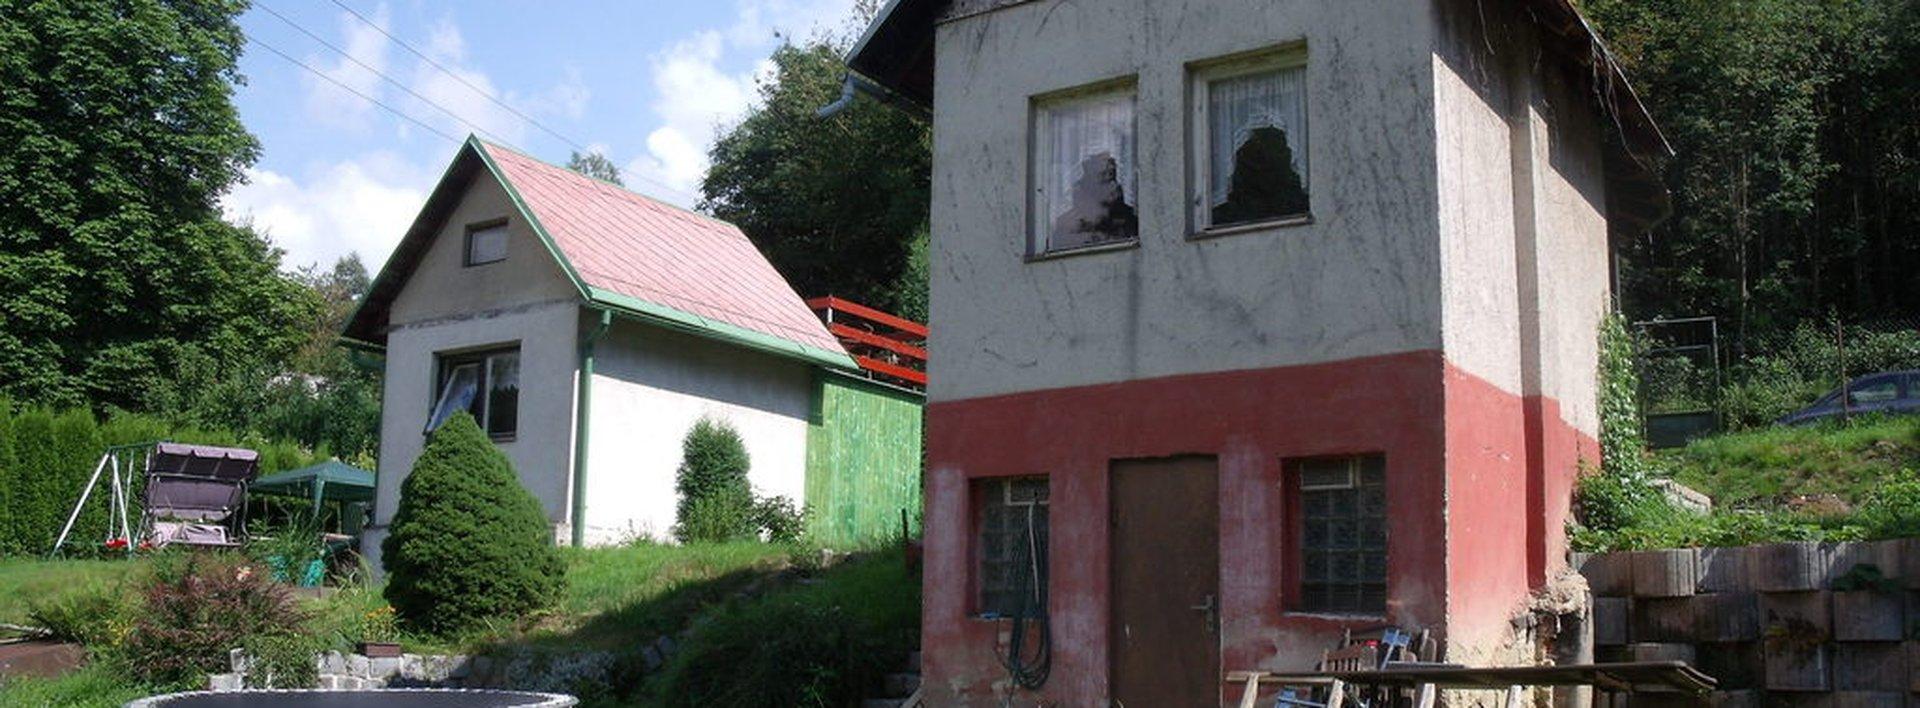 Prodej zděnné rekreační chaty ve Vesci - Liberec, Ev.č.: N46829